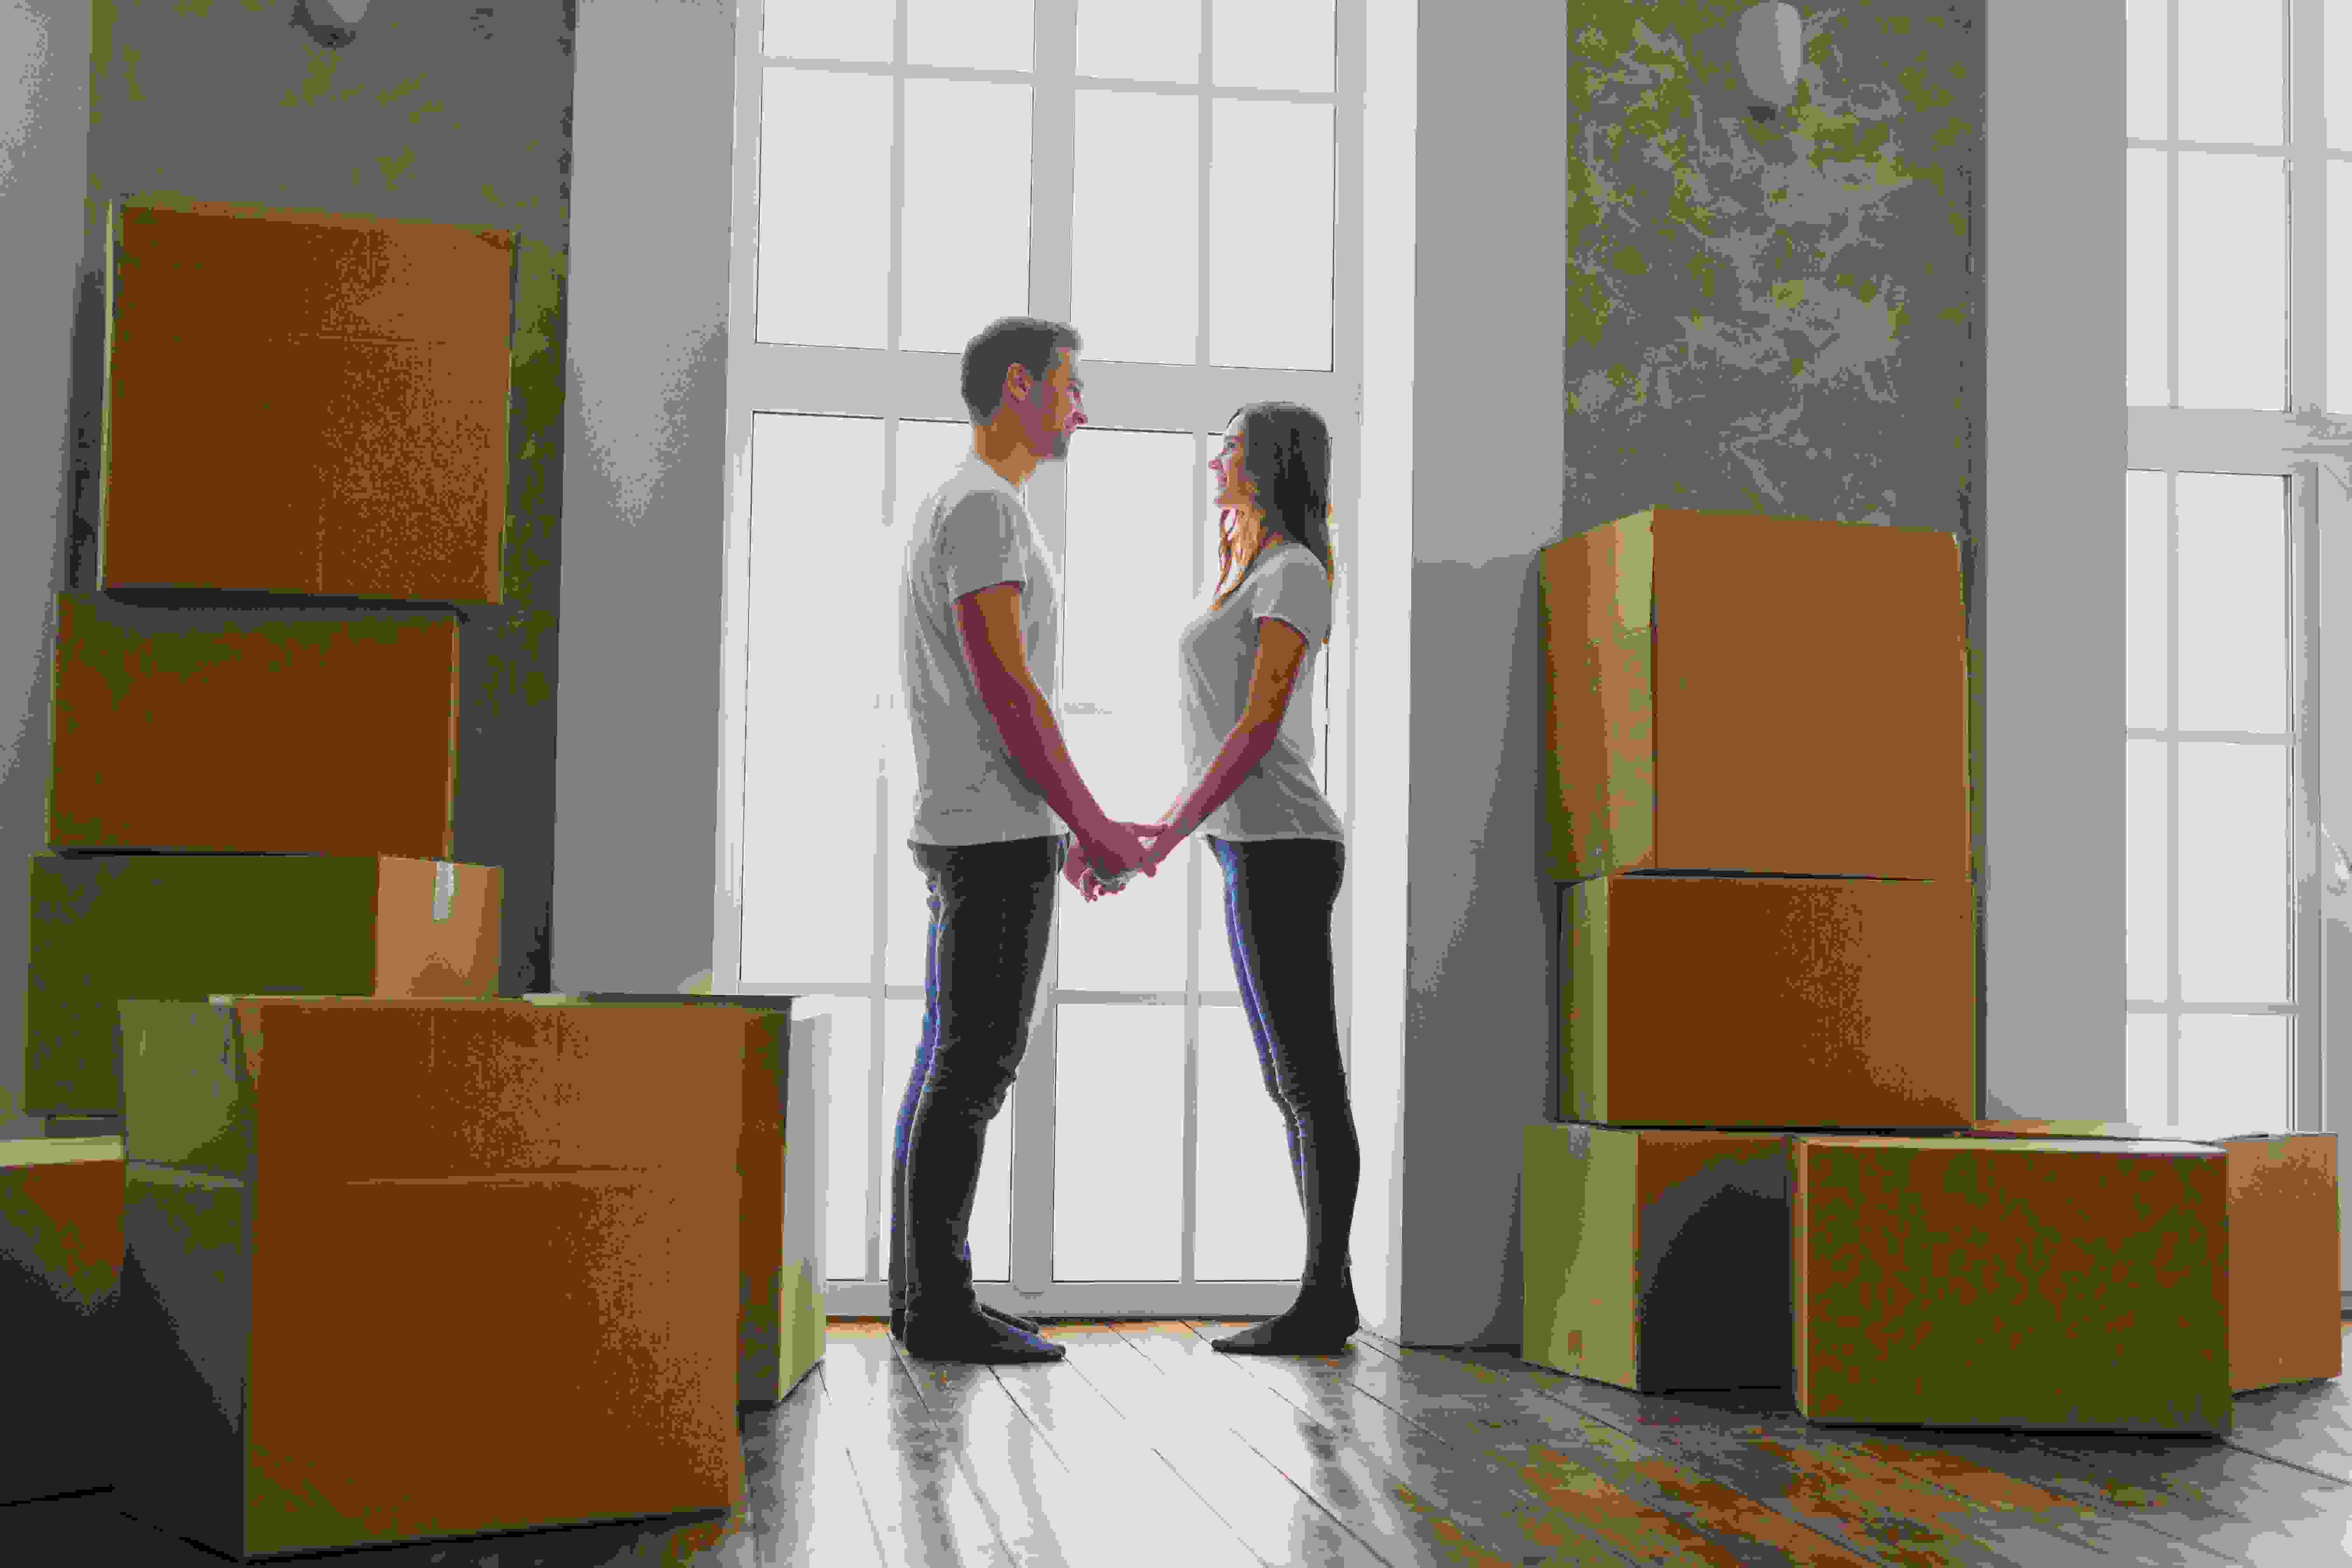 Kjøpe bolig sammen? Husk samboerkontrakt!